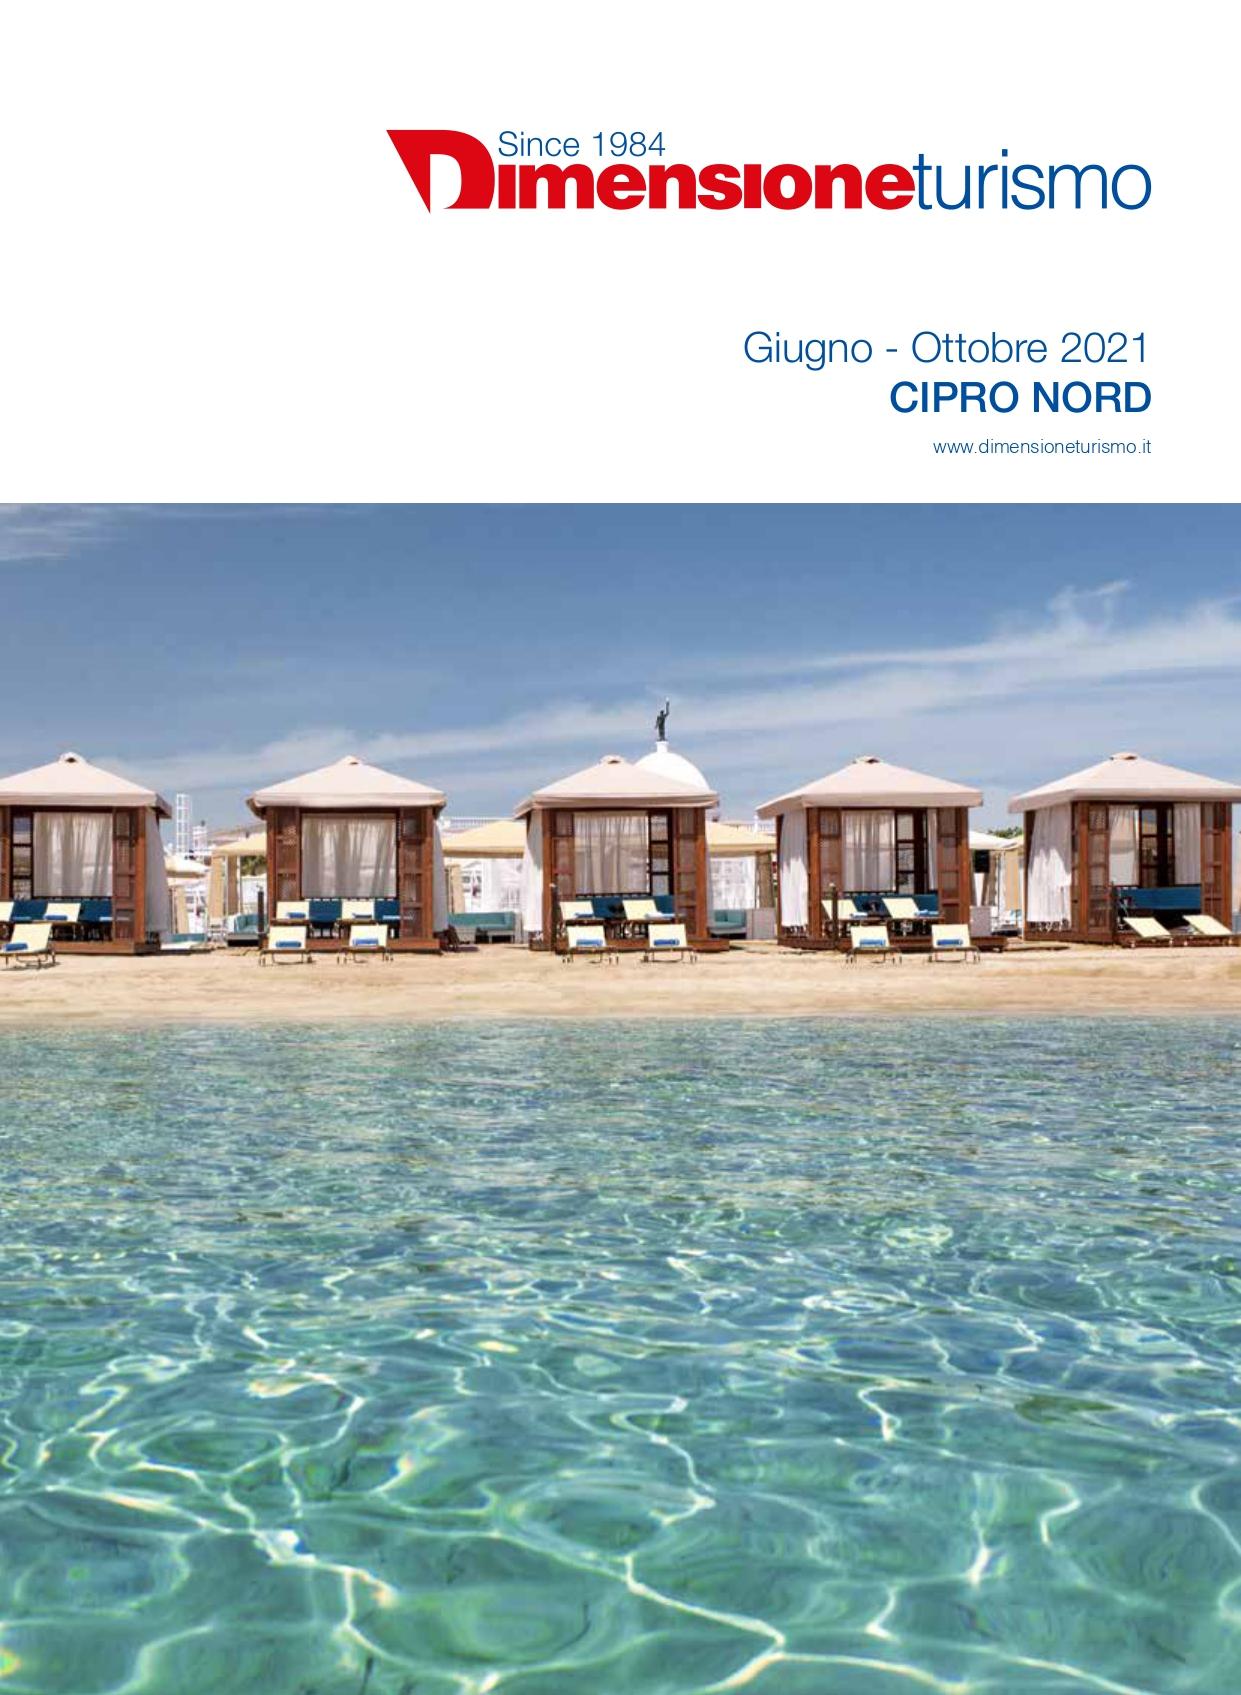 Copertina brochure Cipro Nord